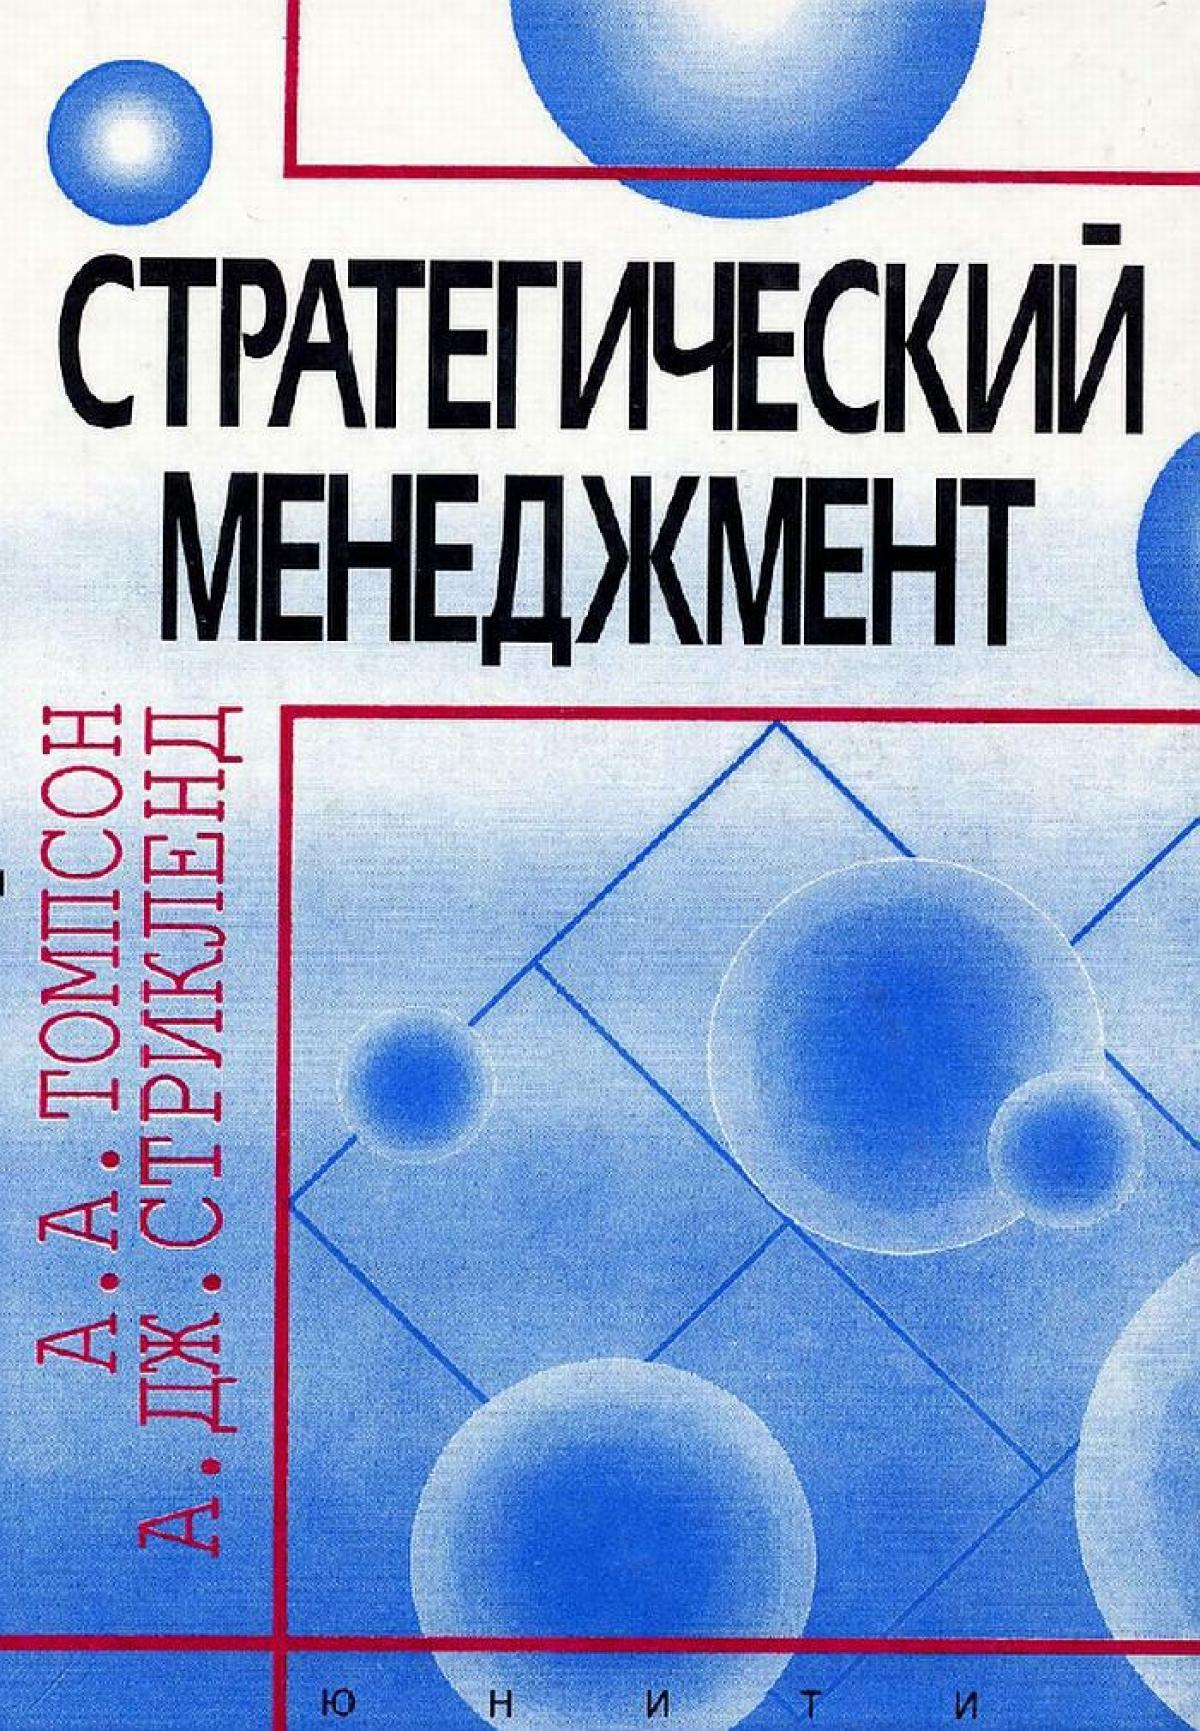 Обложка книги:  томпсон а.а., стрикленд а.дж. - стратегический менеджмент